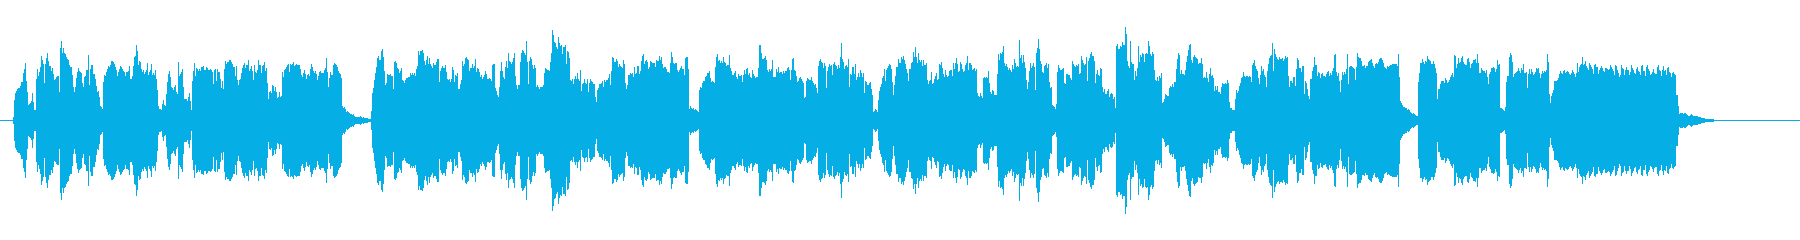 ルネサンス期の古楽器リコーダーの三重奏の再生済みの波形